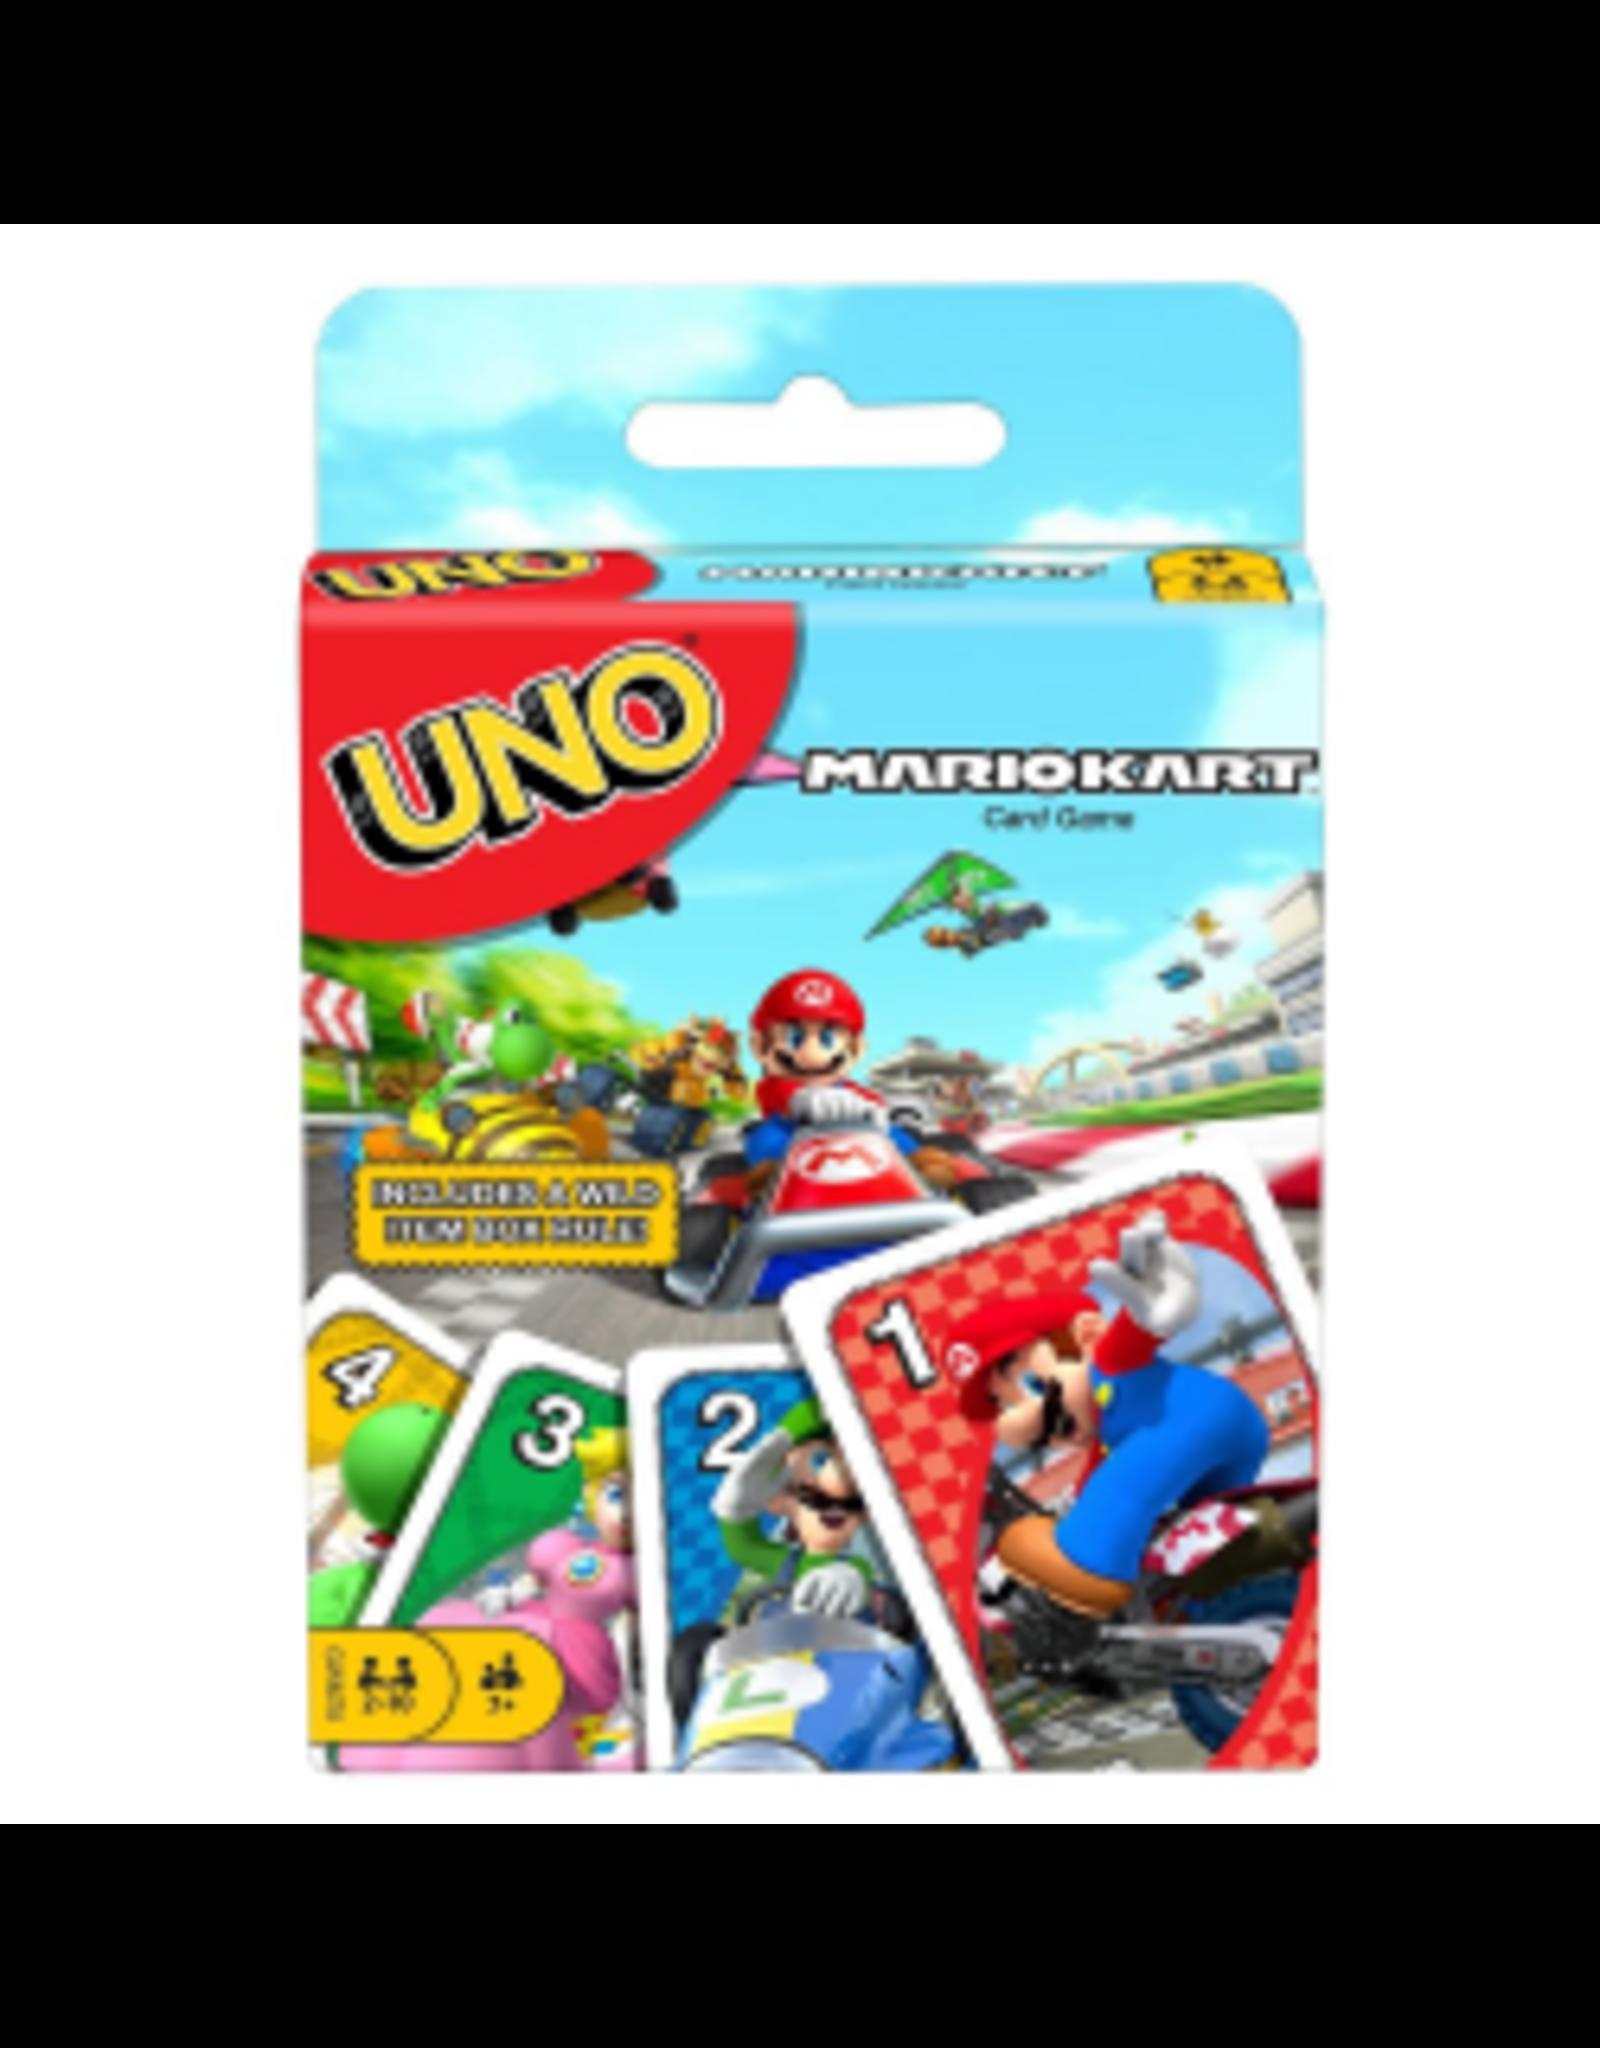 UNO - Mario Kart